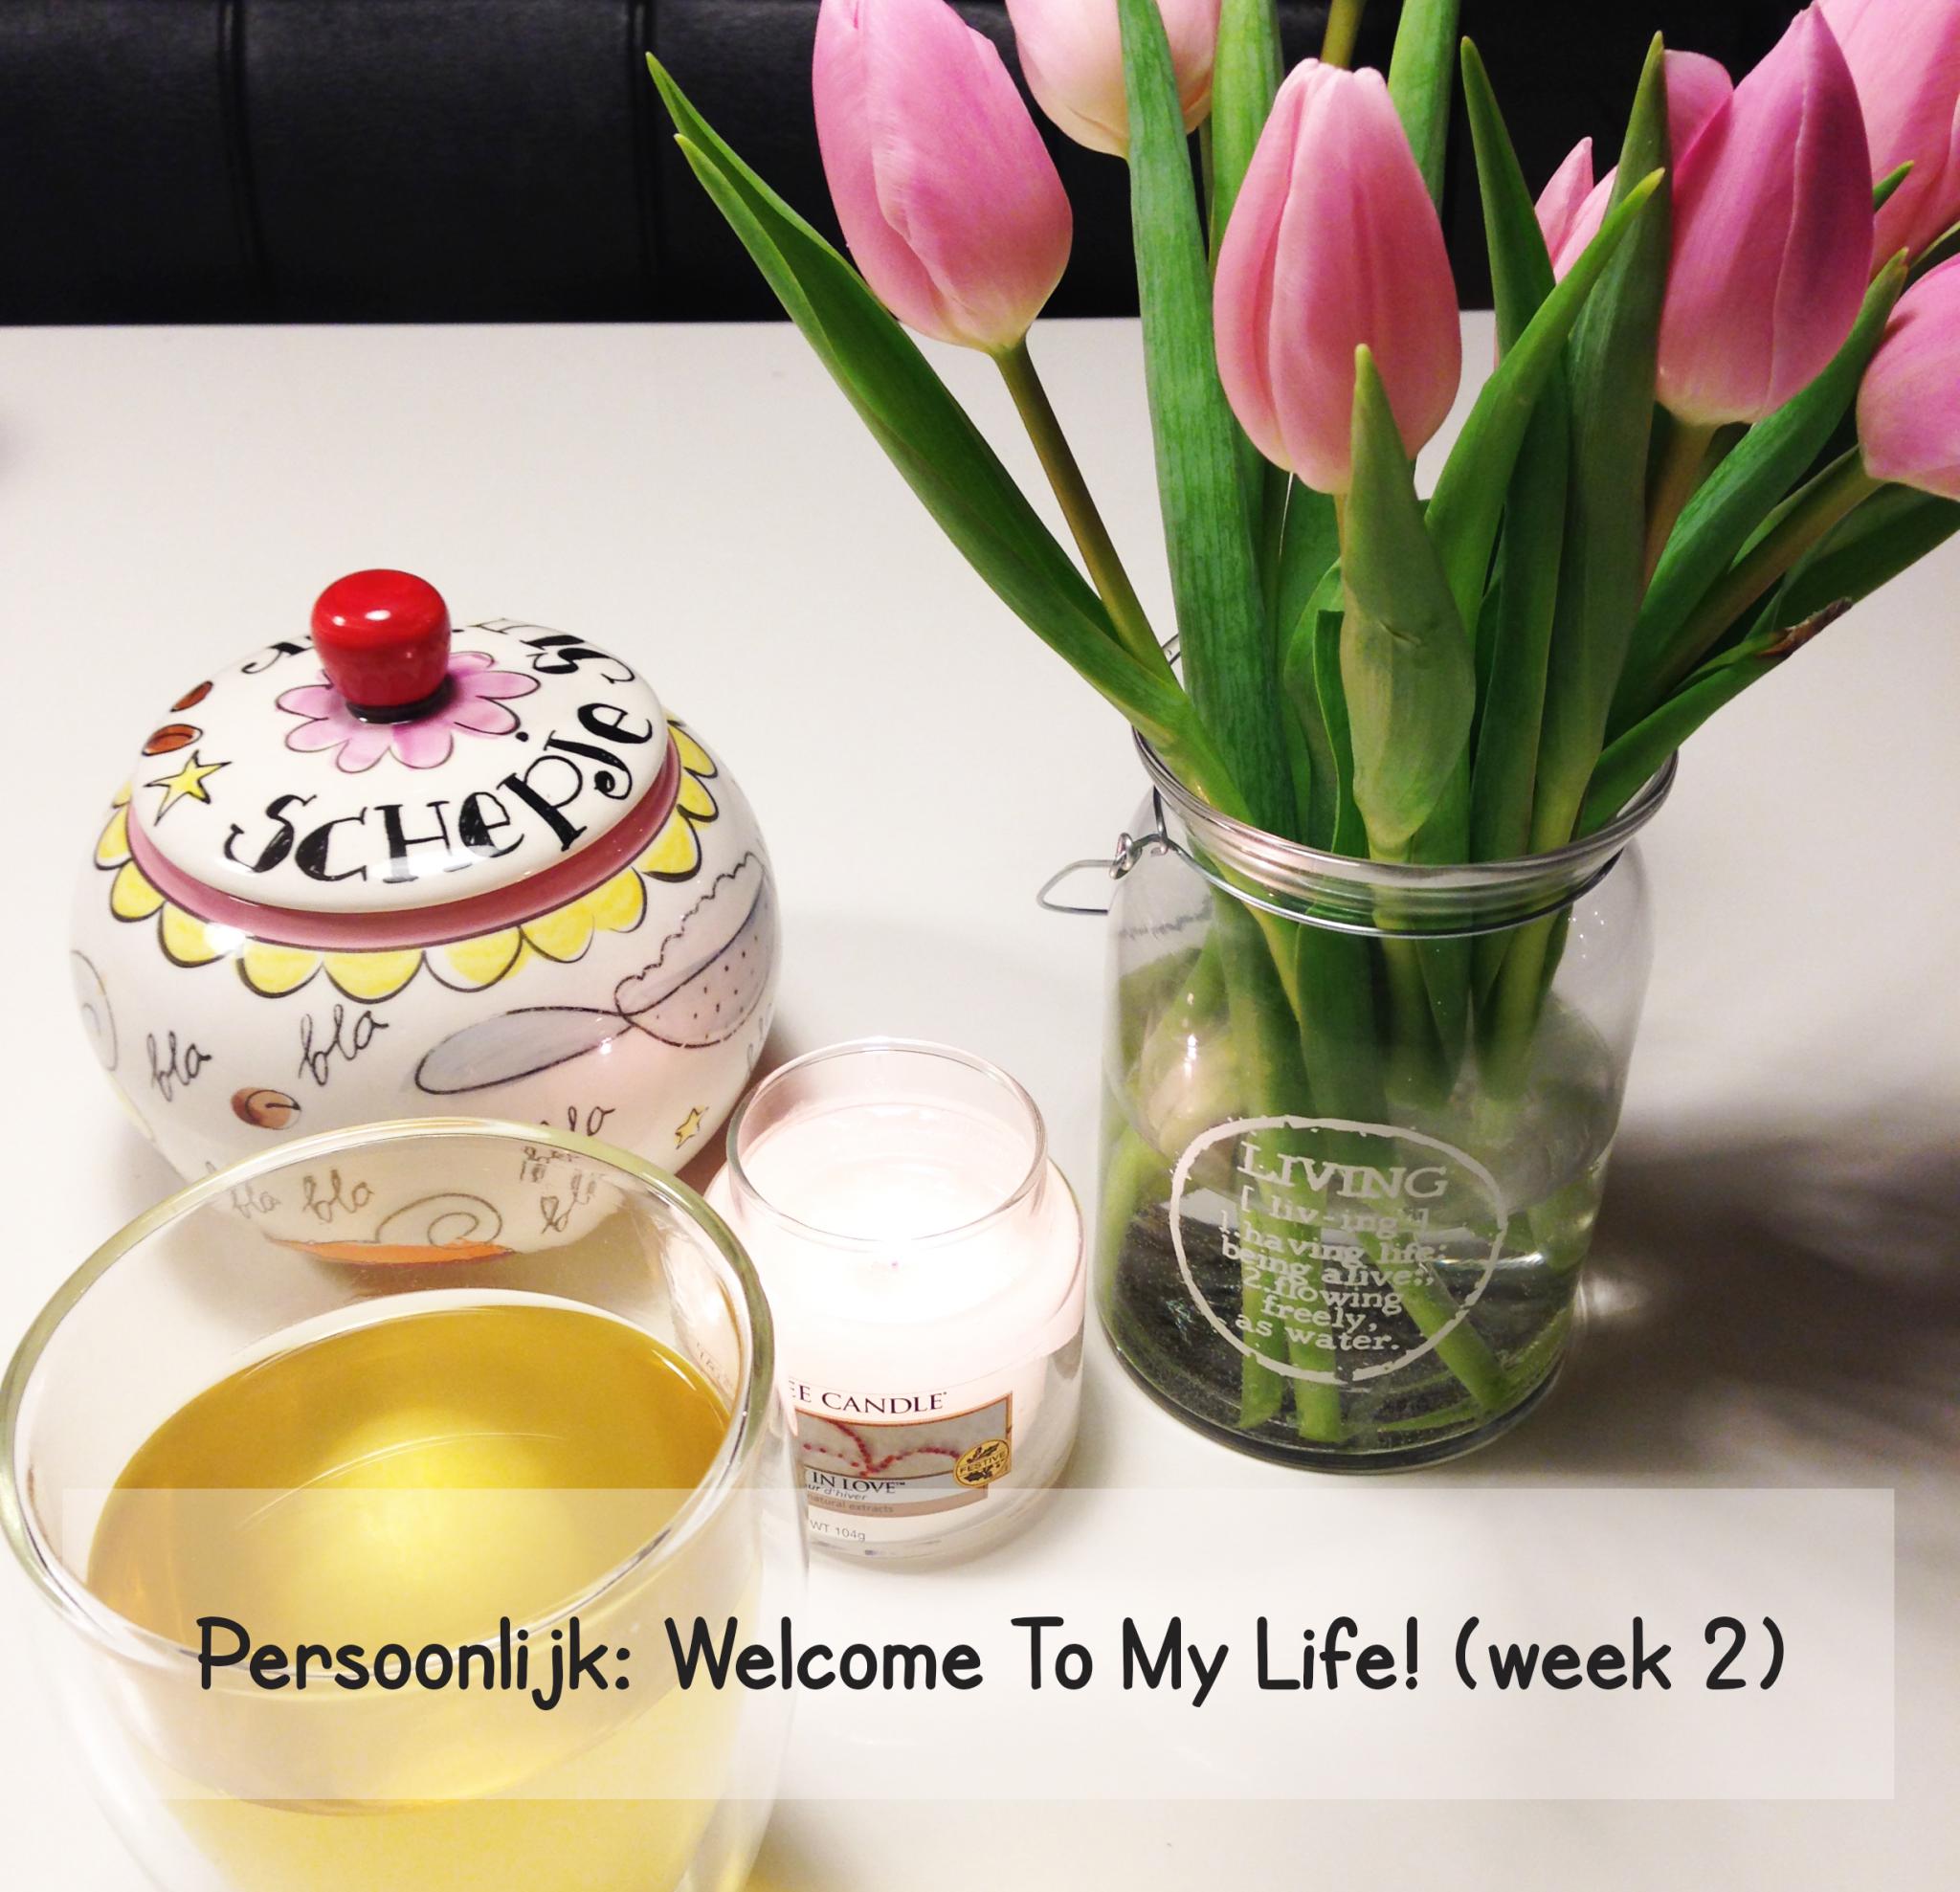 Persoonlijk: Welcome To My Life (week 2)